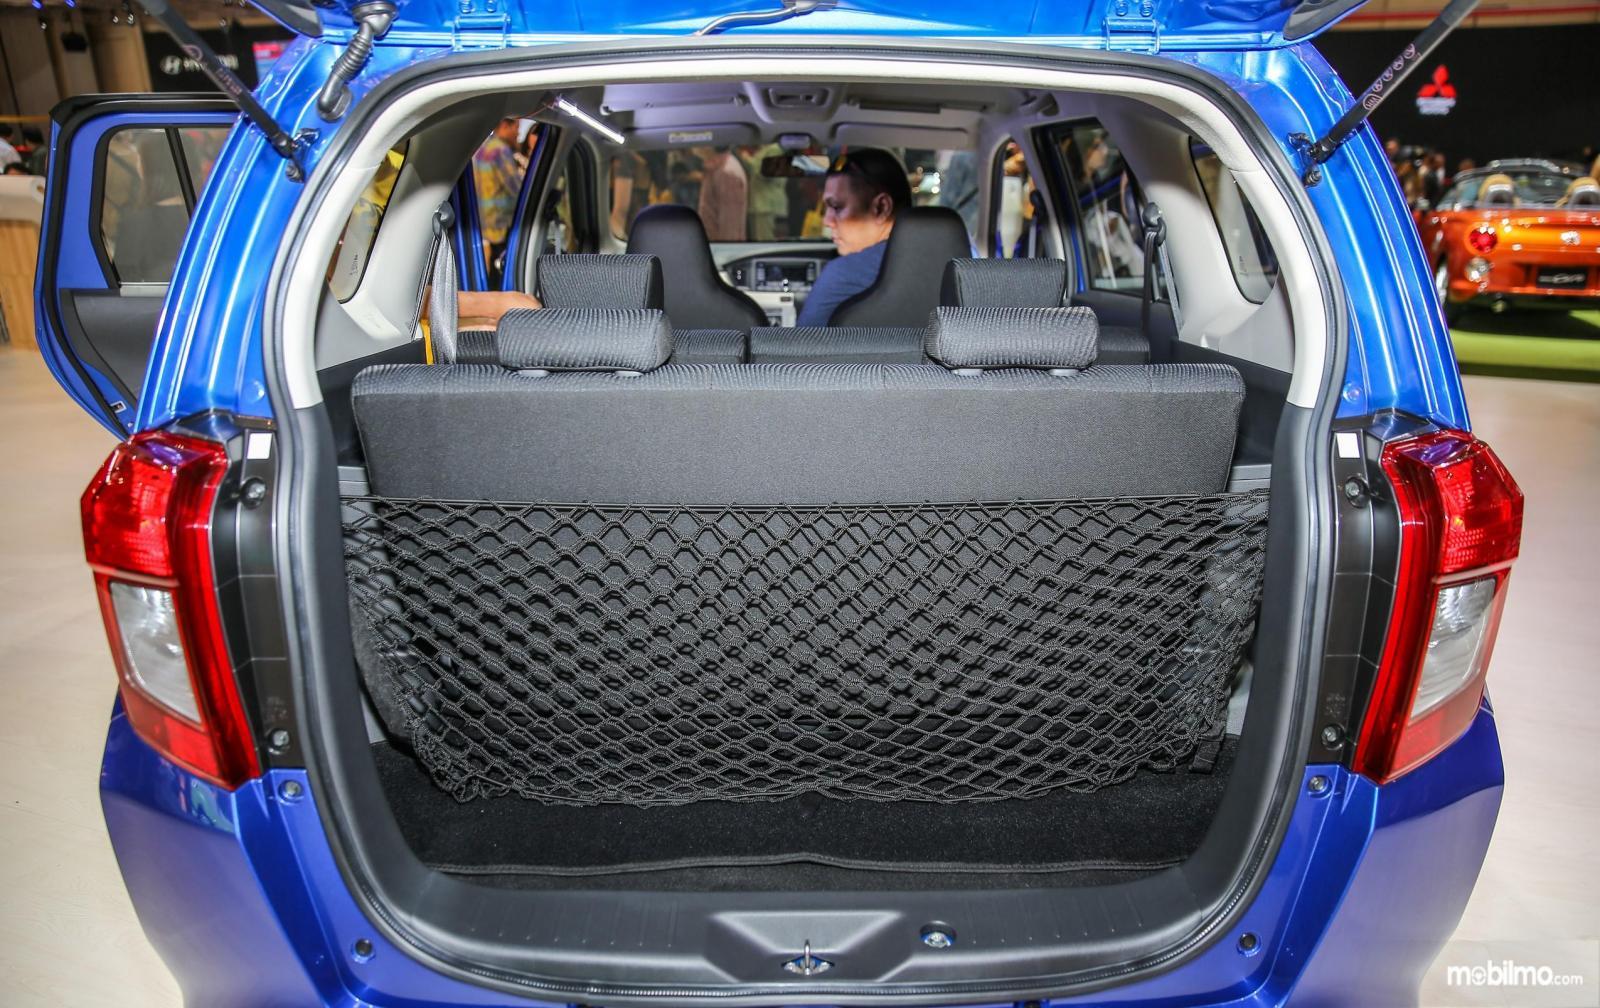 Foto Bagasi Daihatsu Sigra 1.2 R AT Deluxe 2016 dalam kondisi kursi tidak terlipat